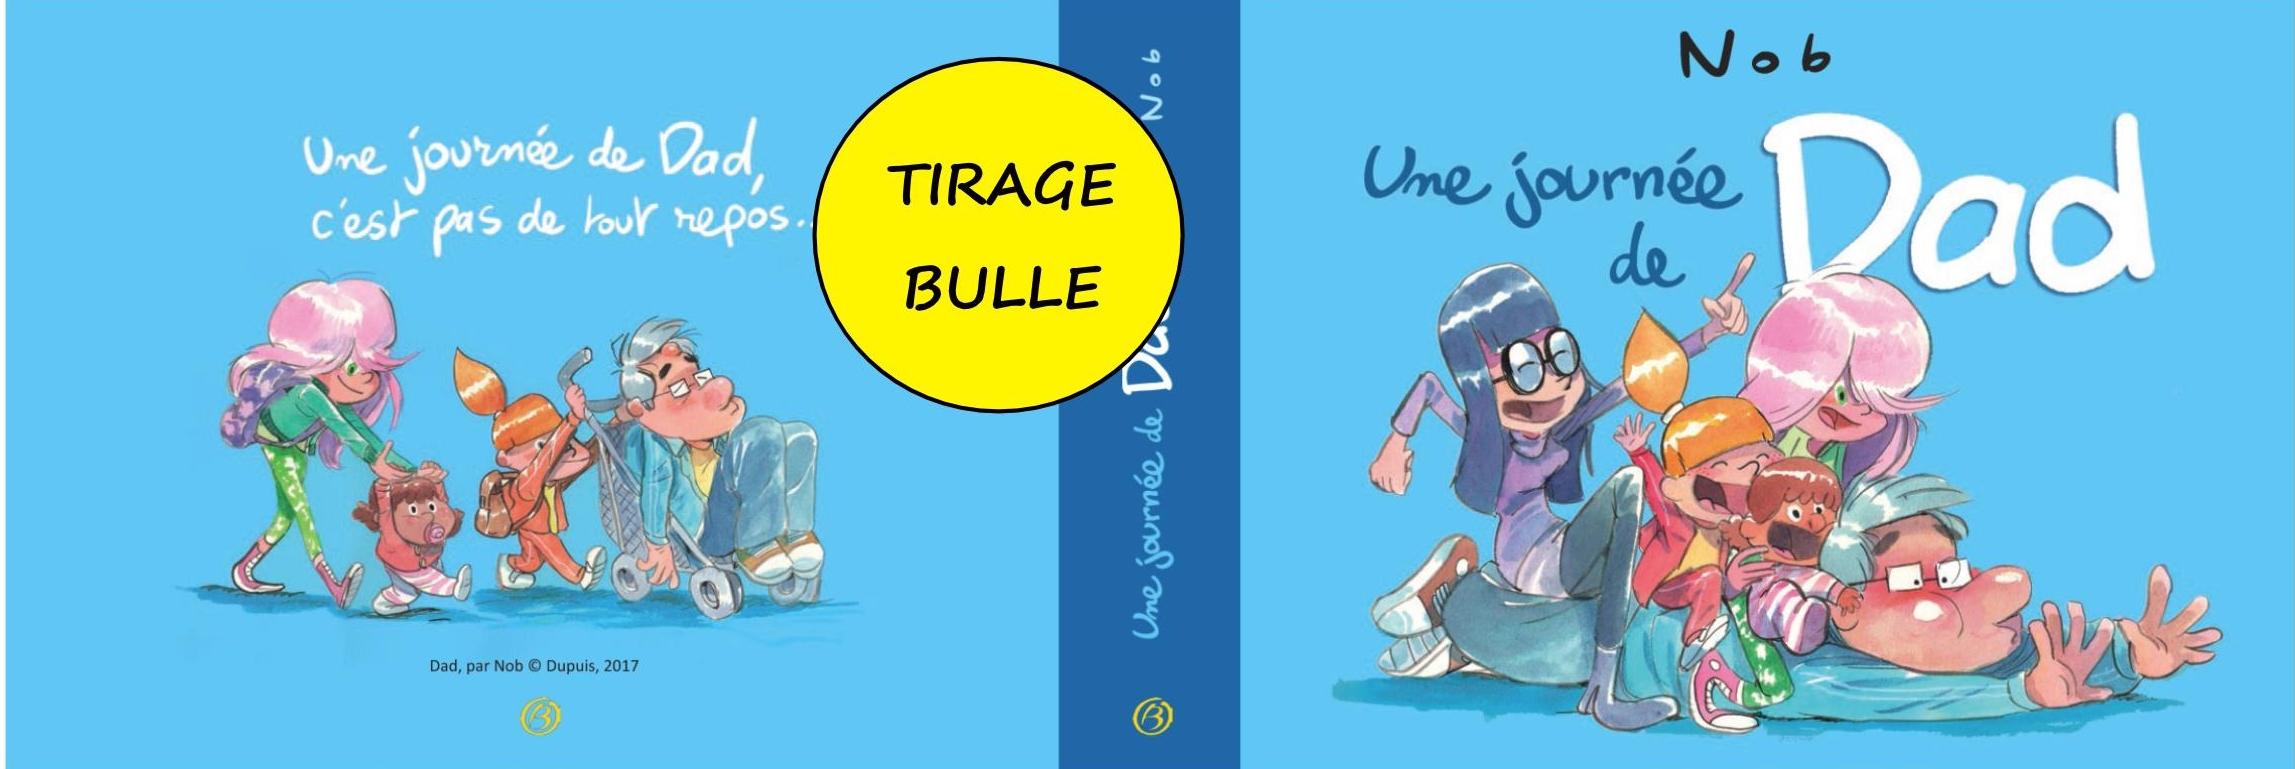 DAD TIRAGE BULLE